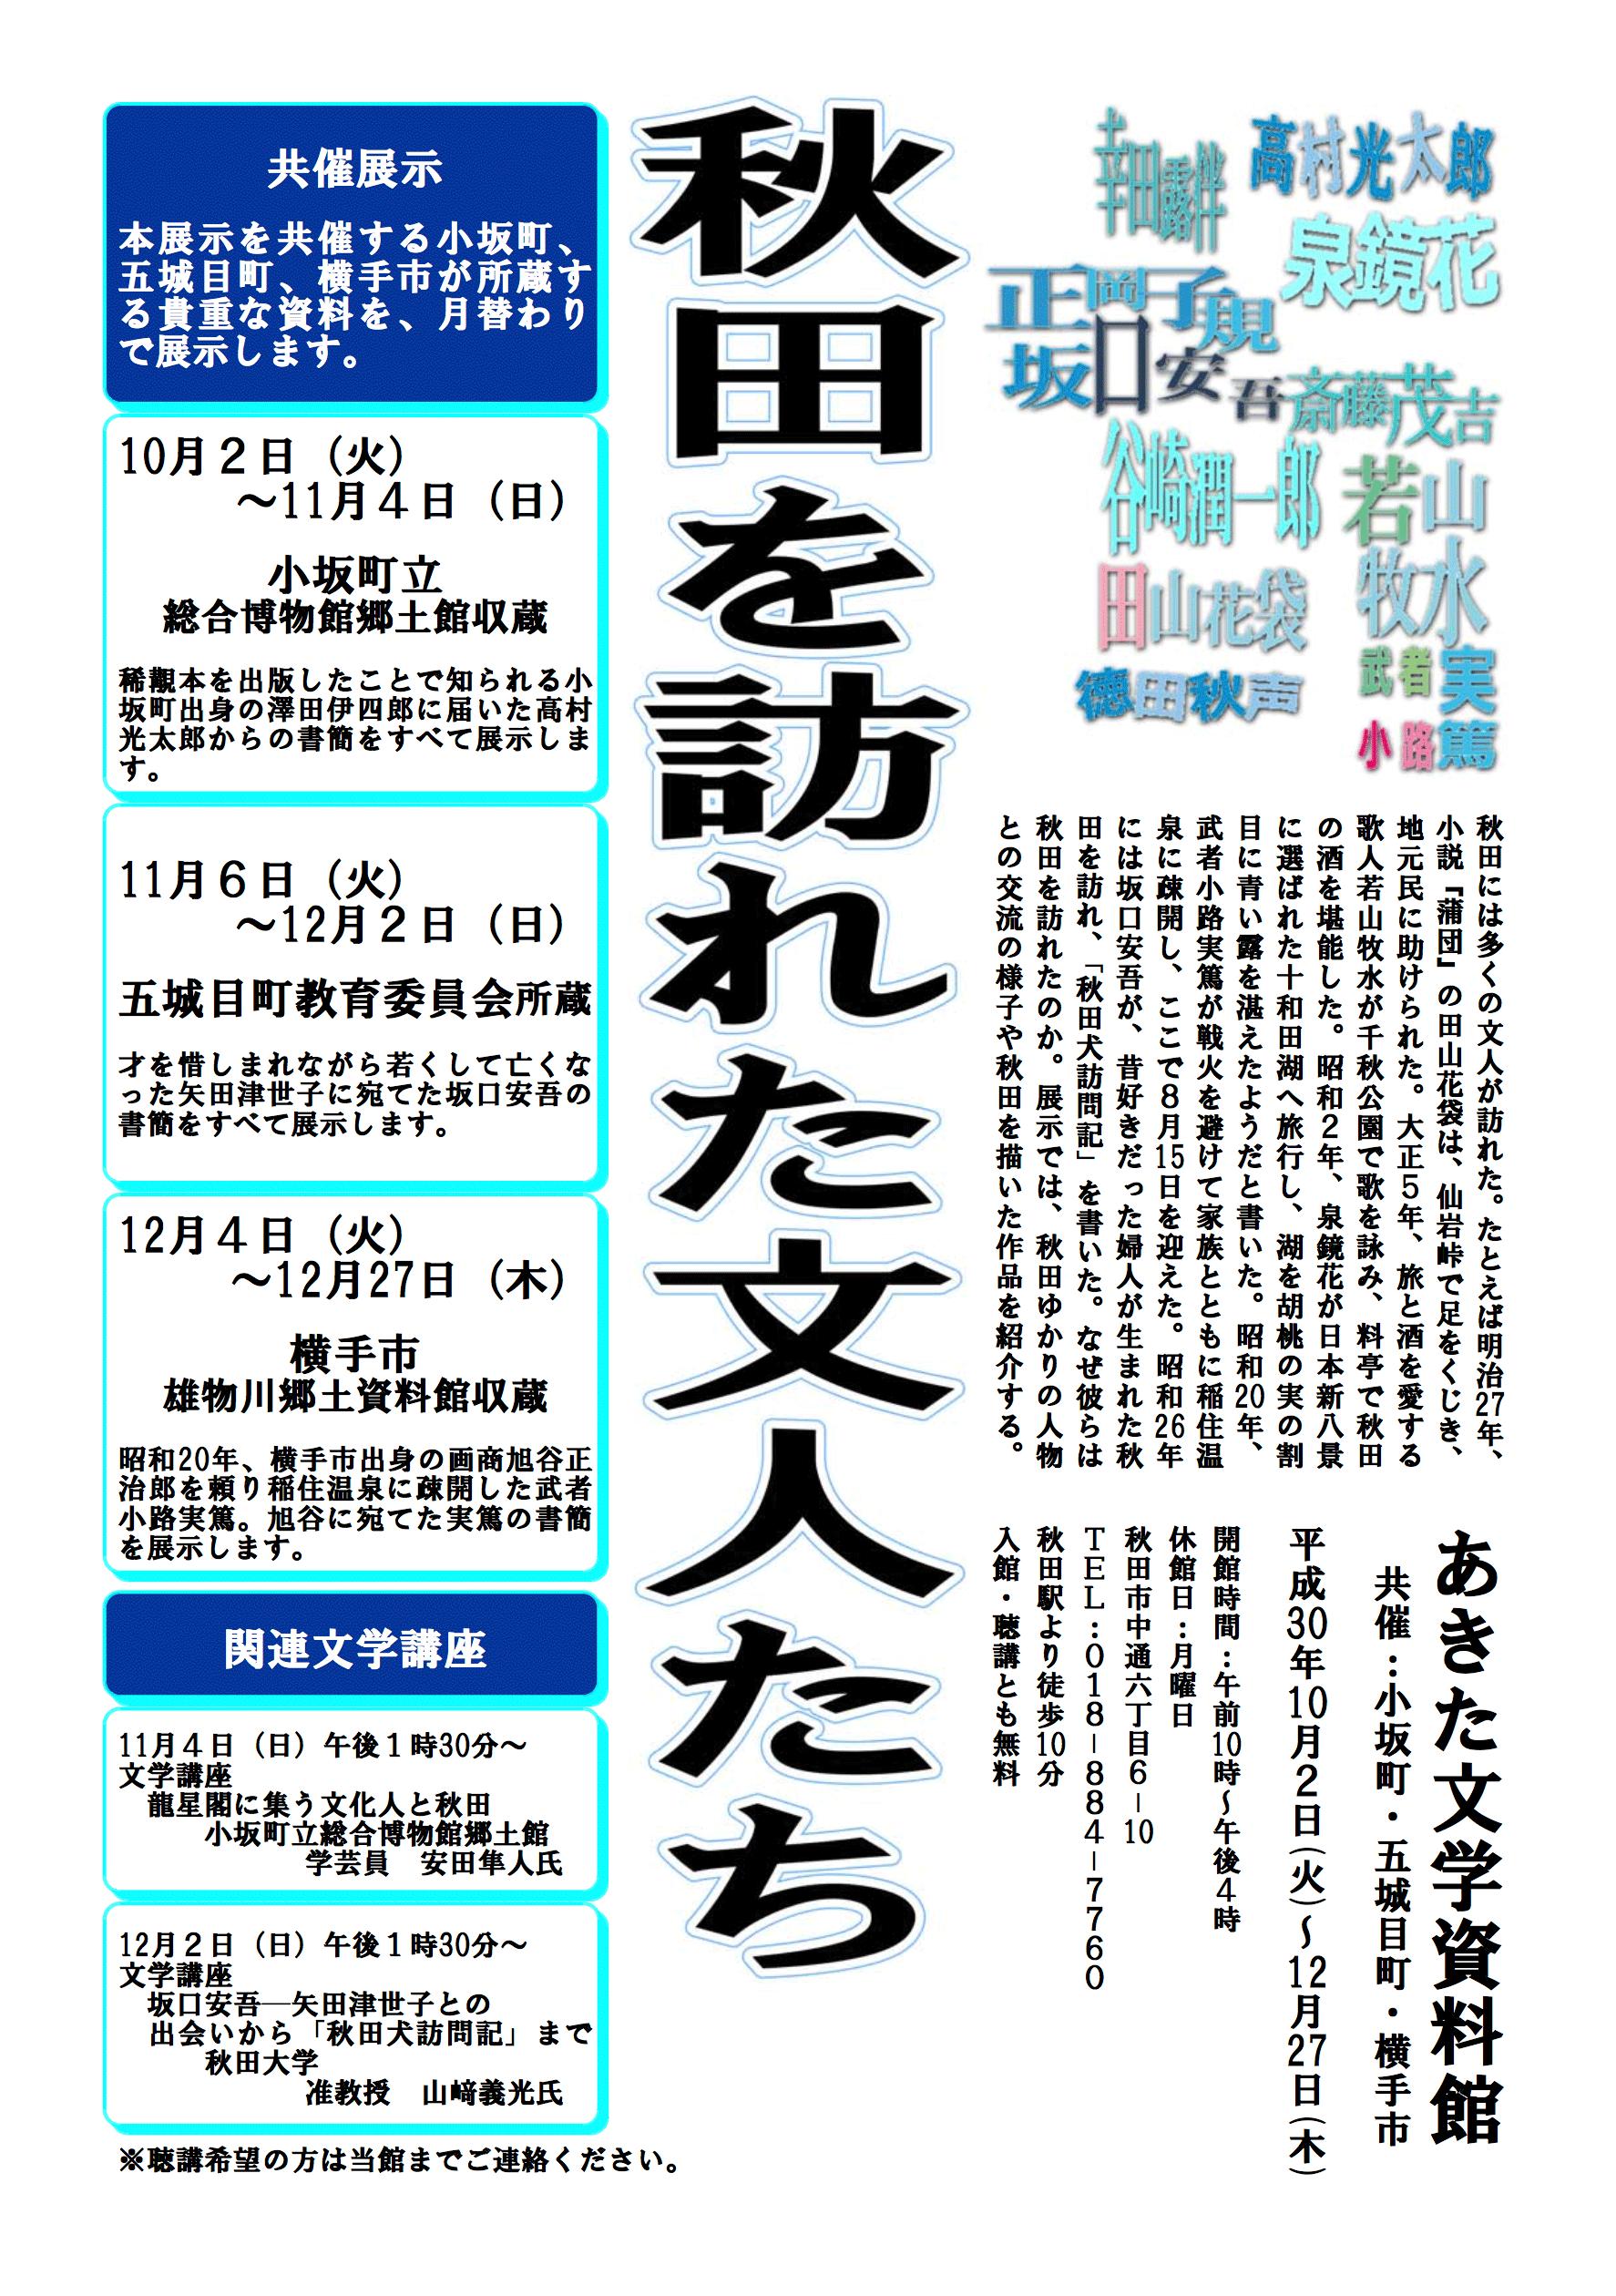 あきた文学資料館 特別展示「明治150年秋田を訪れた文人たち」